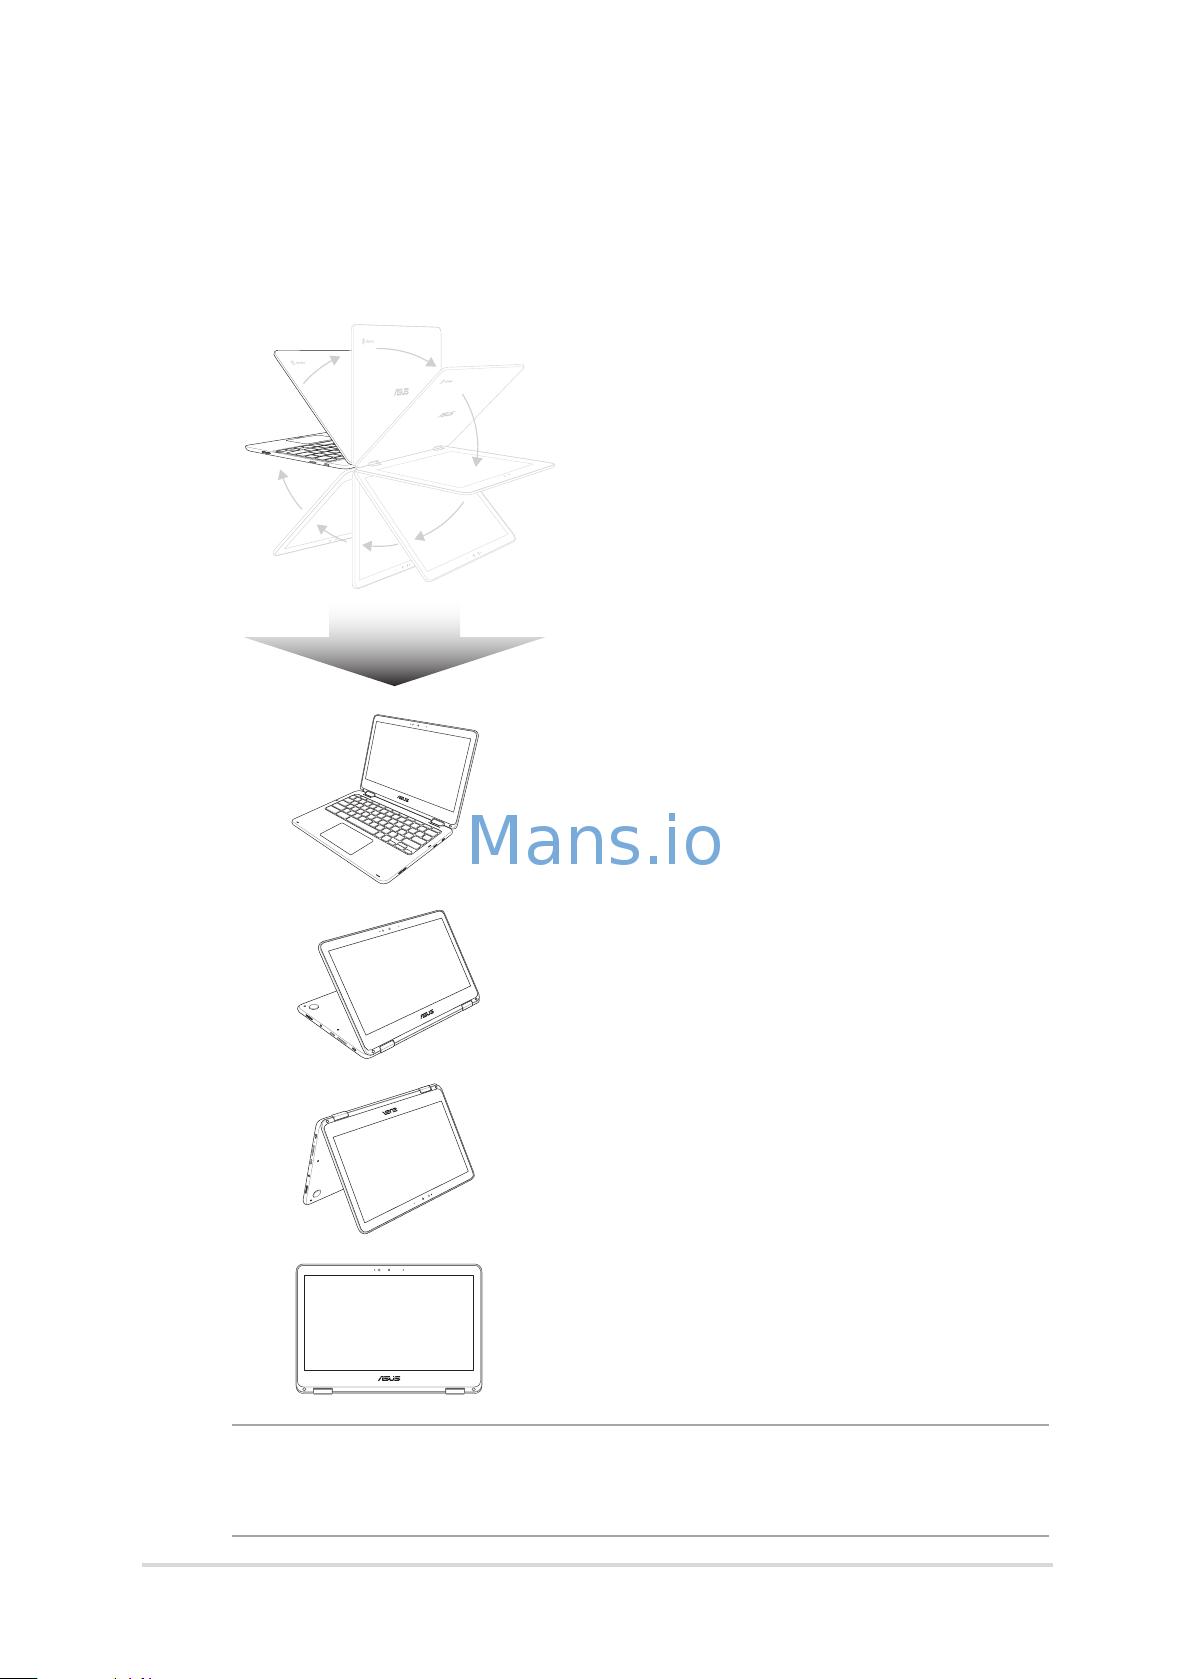 Asus Chromebook Flip C302CA User Manual Page: 33